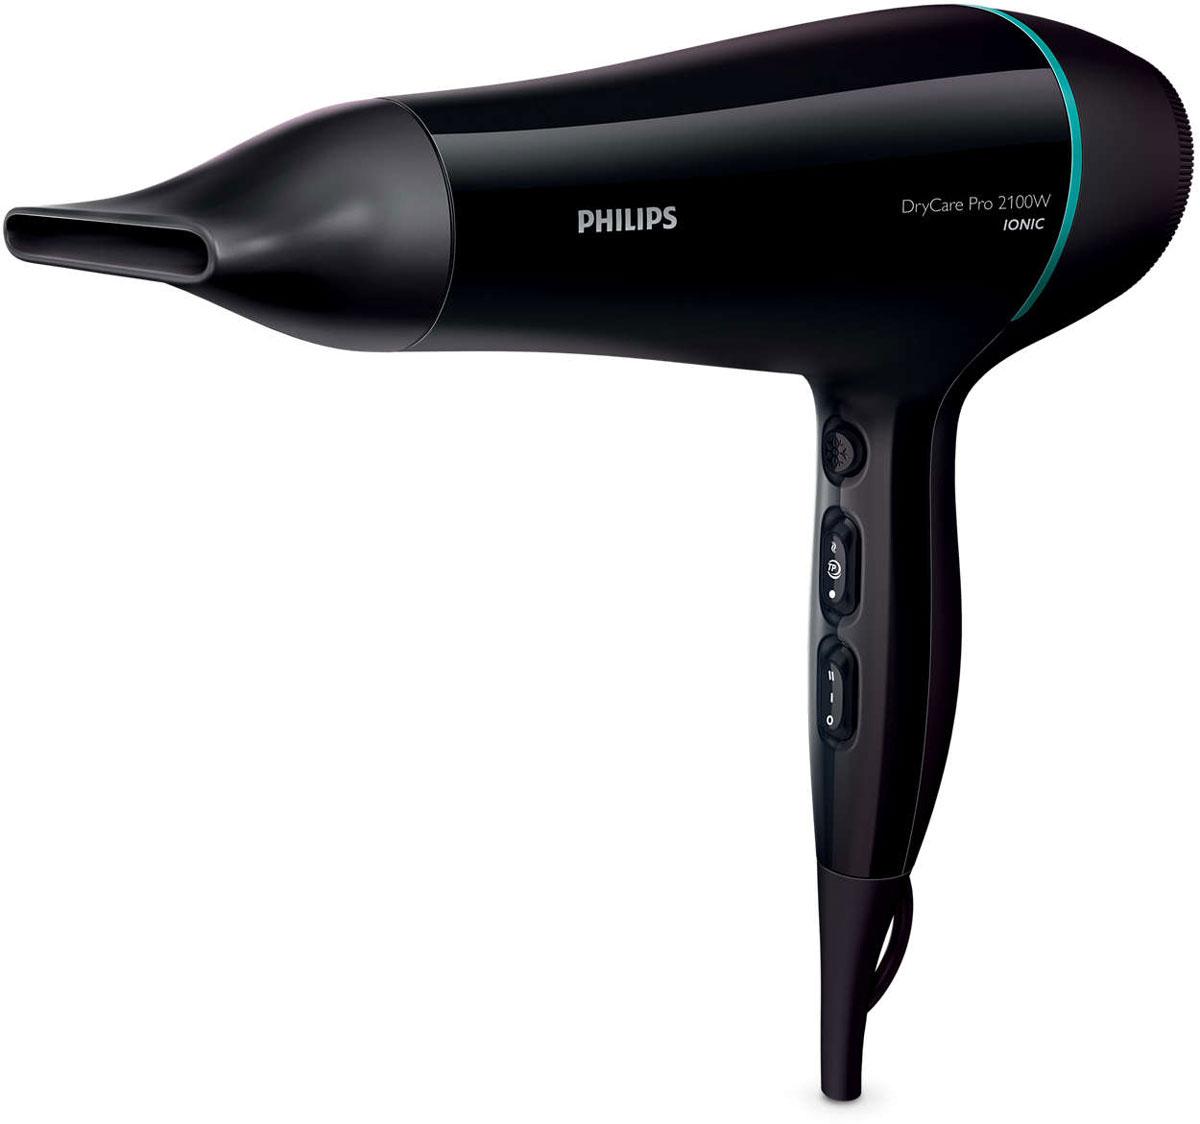 Philips BHD174/00 DryCare фенBHD174/00Профессиональный фен Philips DryCare оснащен АС-мотором, который обеспечивает скорость потока воздуха до 95 км/ч для быстрого, превосходного результата. Благодаря легкой конструкции фен гарантирует удобство и простоту использования.Система ионизации создает антистатический эффект при сушке волос. Отрицательно заряженные ионы позволяют снять статическое электричество и улучшить общее состояние волос, а также способствуют закрытию волосяных чешуек, что придает волосам дополнительный блеск. В результате волосы становятся гладкими, блестящими и шелковистыми.Легкая и компактная конструкция корпуса и эргономичная ручка профессионального фена Philips DryCare обеспечивают комфорт во время использования.Функция холодного обдува используется всеми профессиональными парикмахерами. Кнопка холодного обдува обеспечивает подачу мощного потока холодного воздуха для фиксации прически.Технология ThermoProtect обеспечивает оптимальную температуру сушки волос и их дополнительную защиту от перегрева. При постоянной мощности воздушного потока сушка будет более бережной, а результат — неизменно превосходным.Создайте свой неповторимый образ, установив или отрегулировав температуру и скорость воздушного потока с помощью соответствующих настроек. Выберите одну из трех температурных настроек и двух настроек скорости для максимального контроля и идеального результата.Насадка-концентратор с отверстием 7 мм обеспечивает направленный поток воздуха для фиксации отдельных прядей. Незаменимая насадка для идеальной укладки и эффективной сушки.